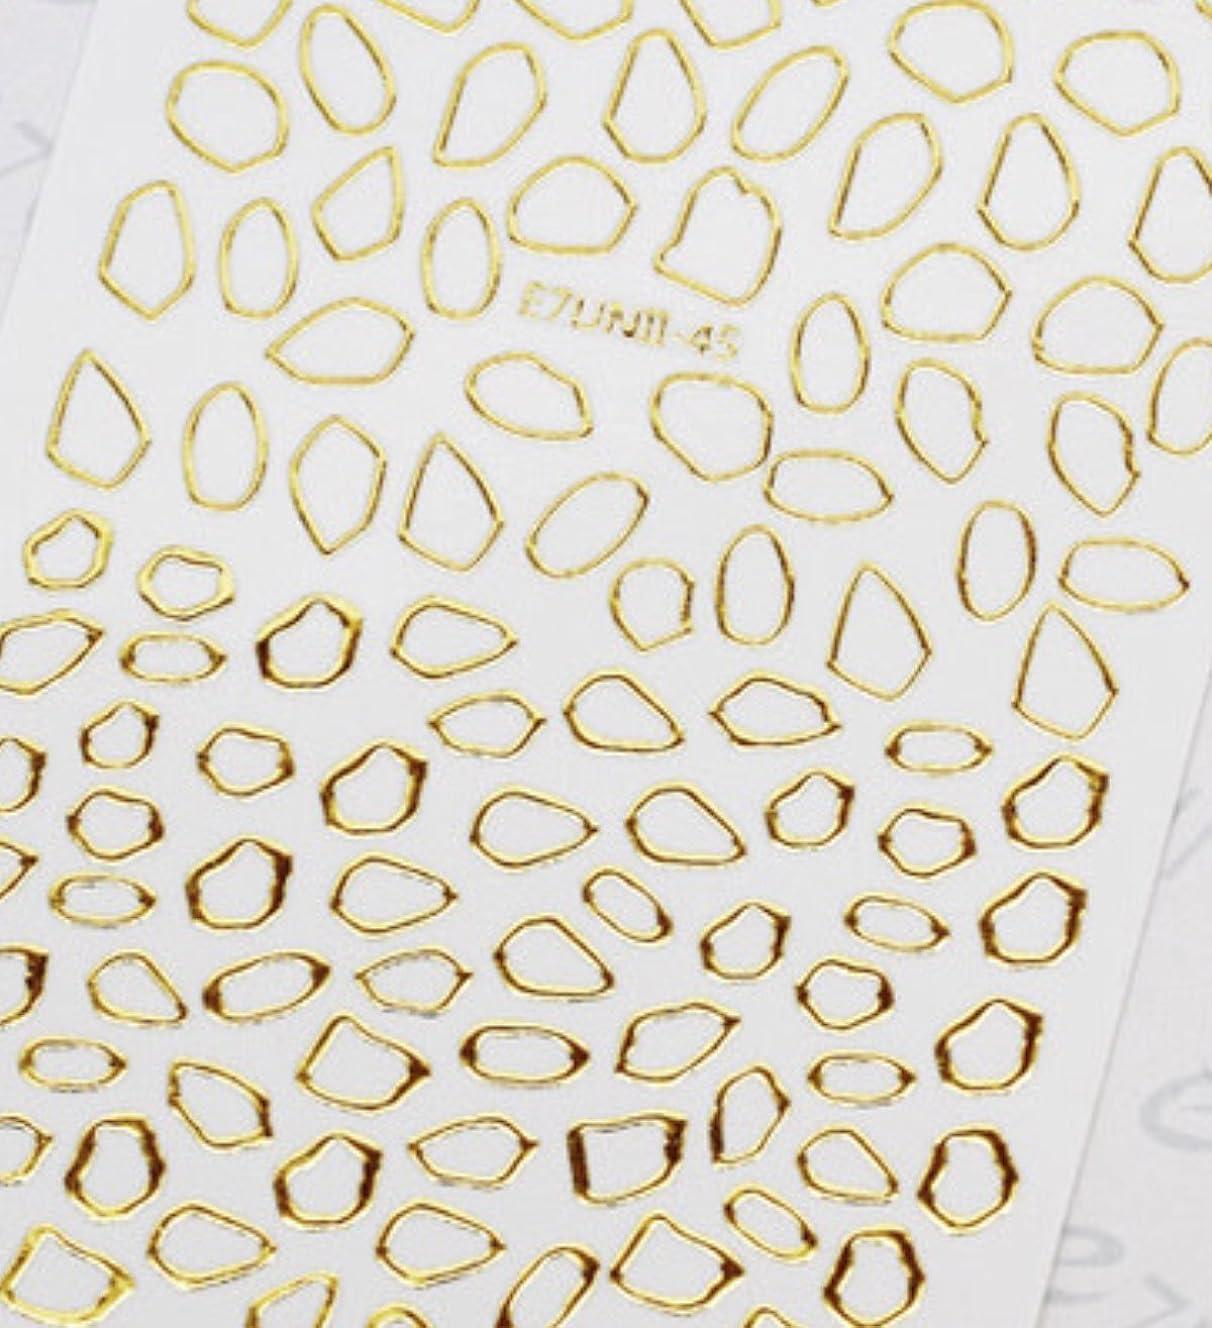 一族放課後仲良し極薄直接貼るタイプ ネイルシール スティッカー 枠 変形フレーム 垂らしこみアート用 多種多様なデザインに対応可能 ゴールド 金色 45番